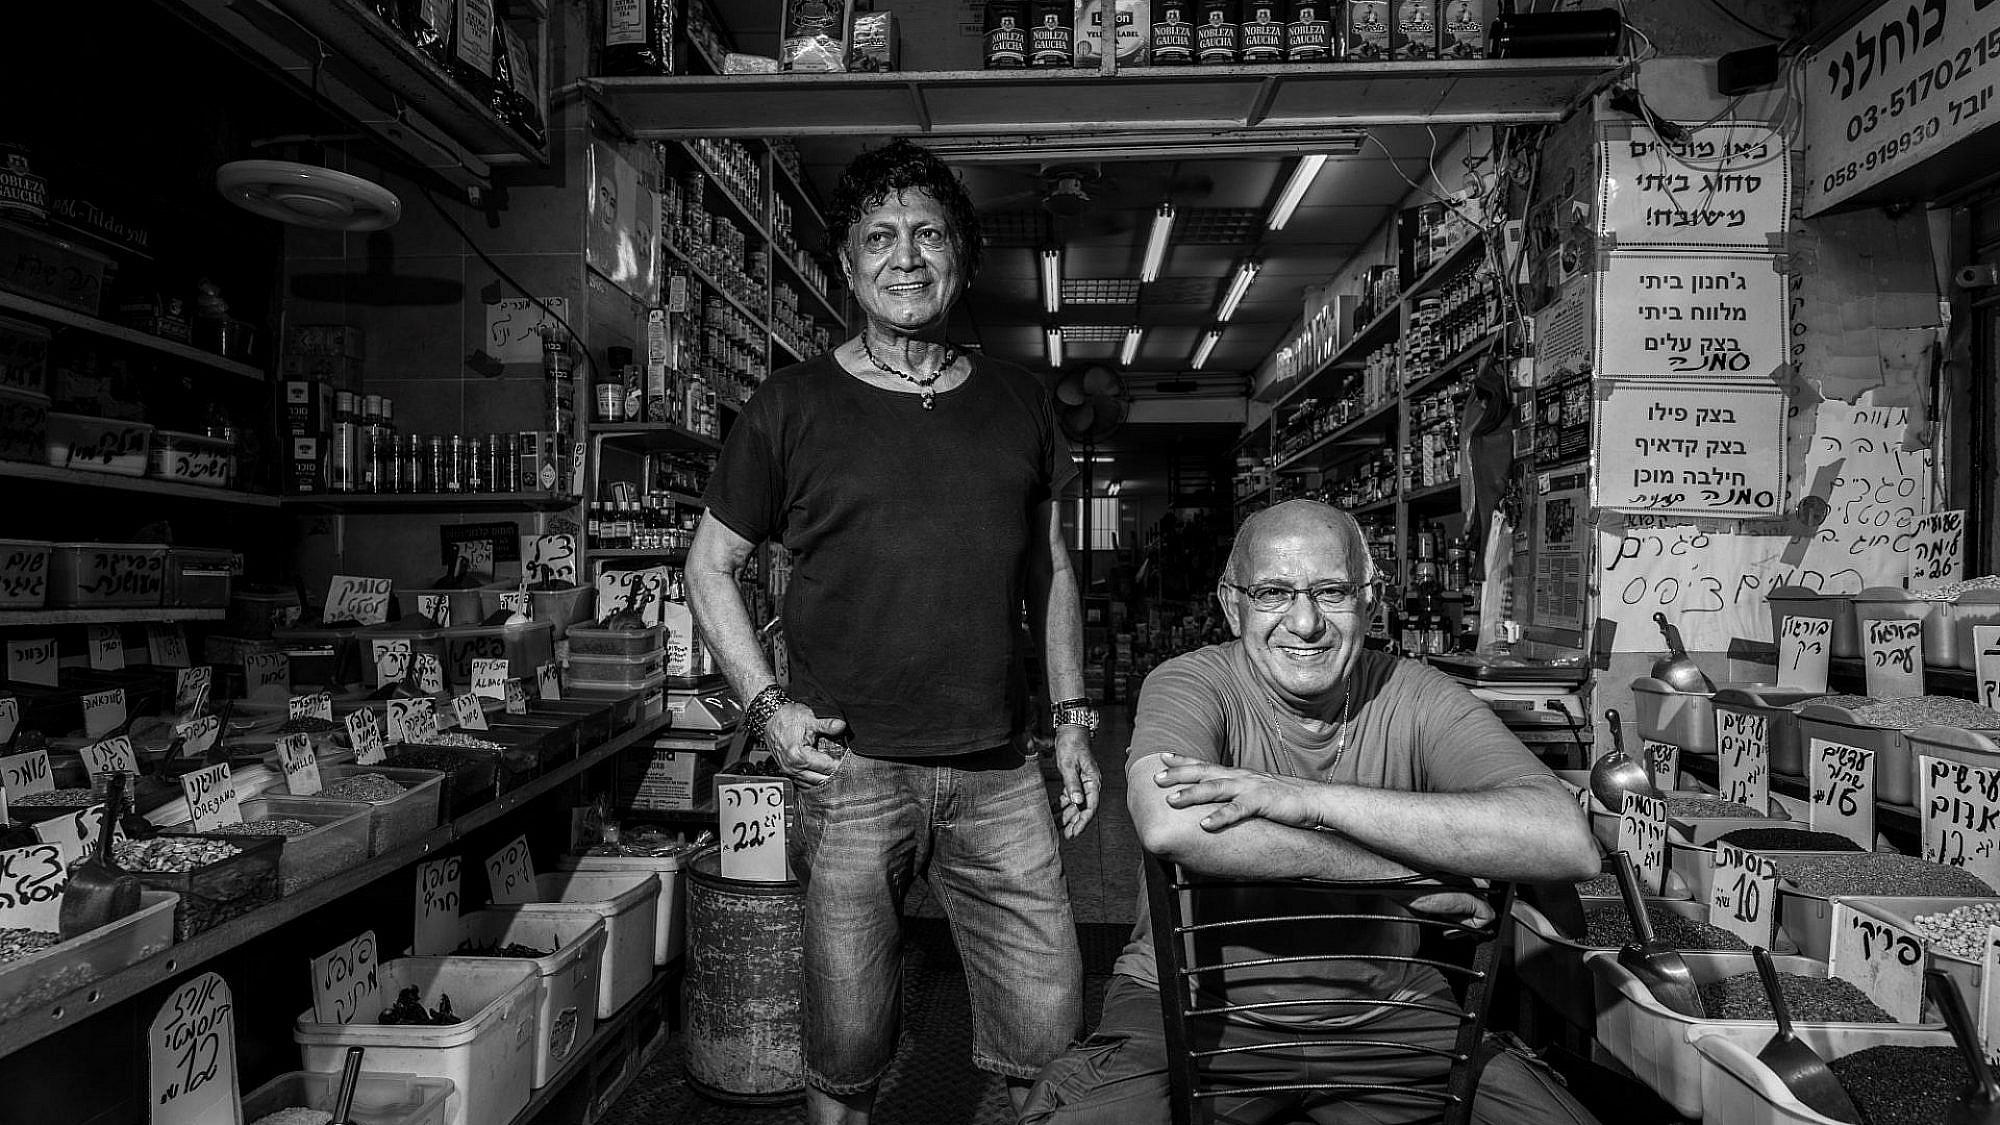 האחים כוחלני (צילום: איליה מלניקוב)